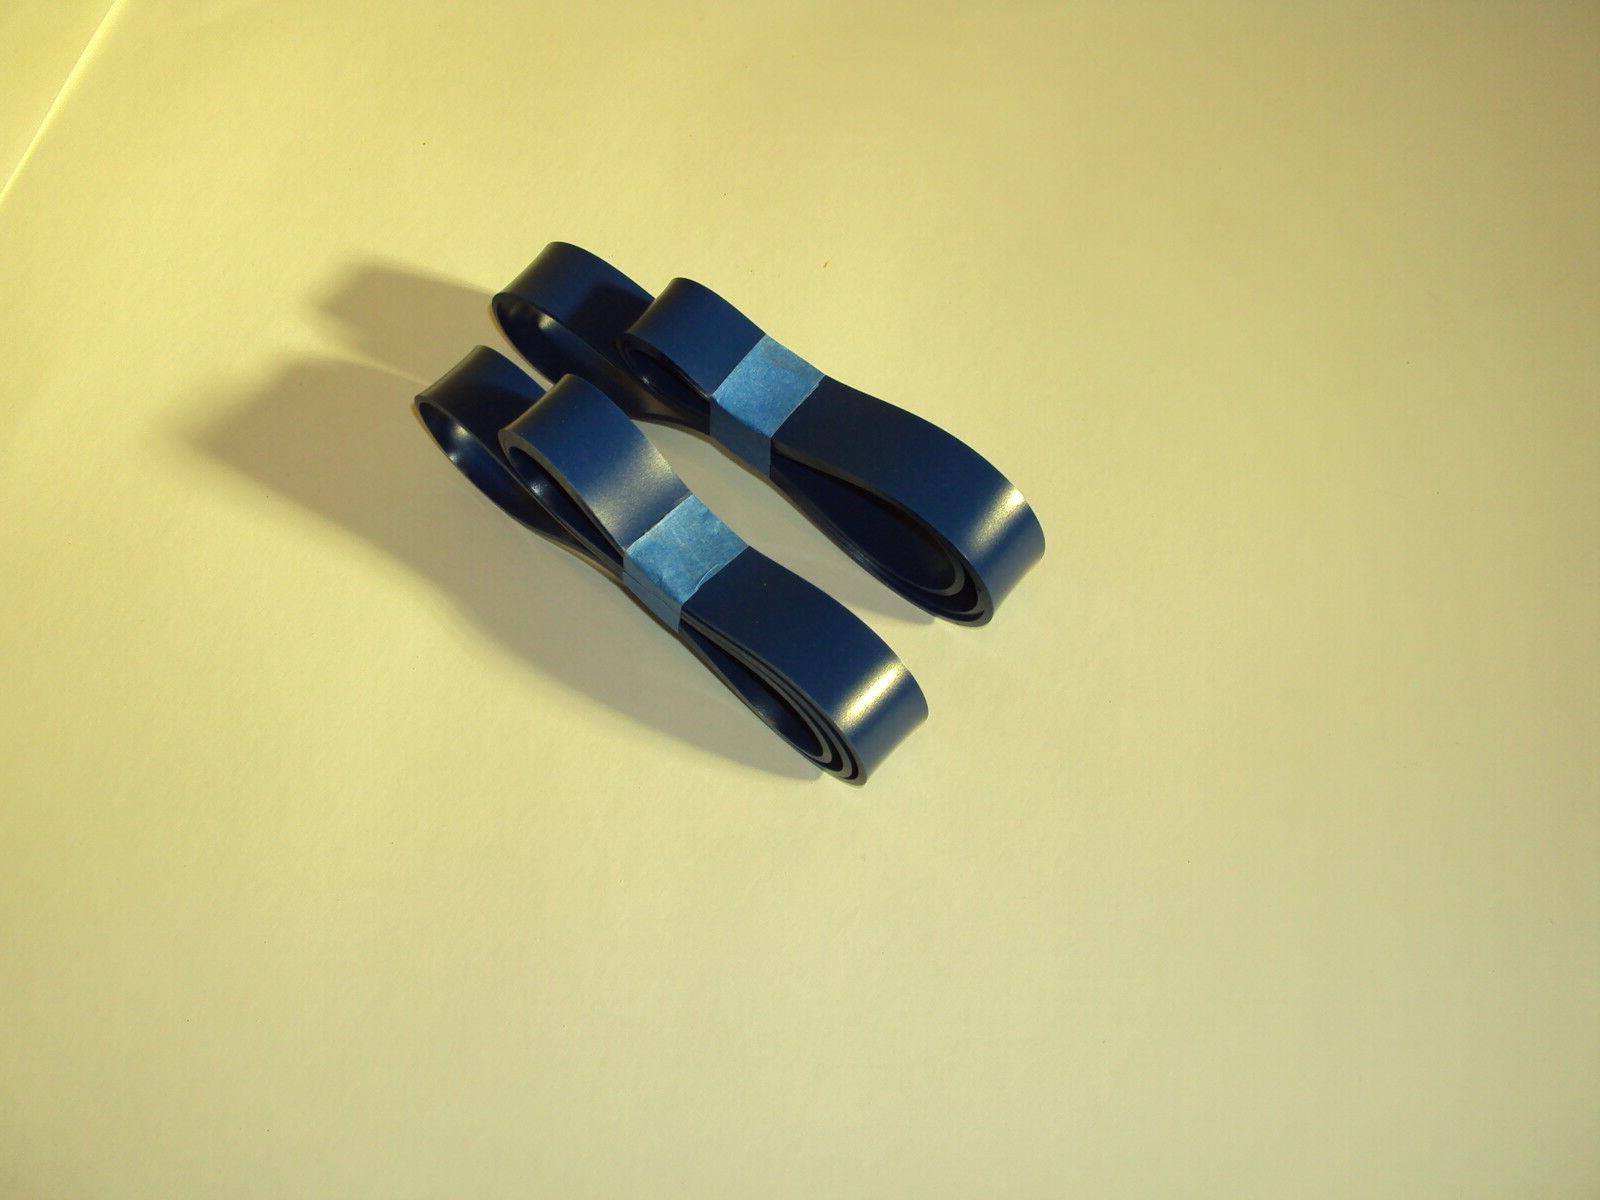 2 BLUE MAX BAND SAW TIRES 1500U SAW 1500U SAW